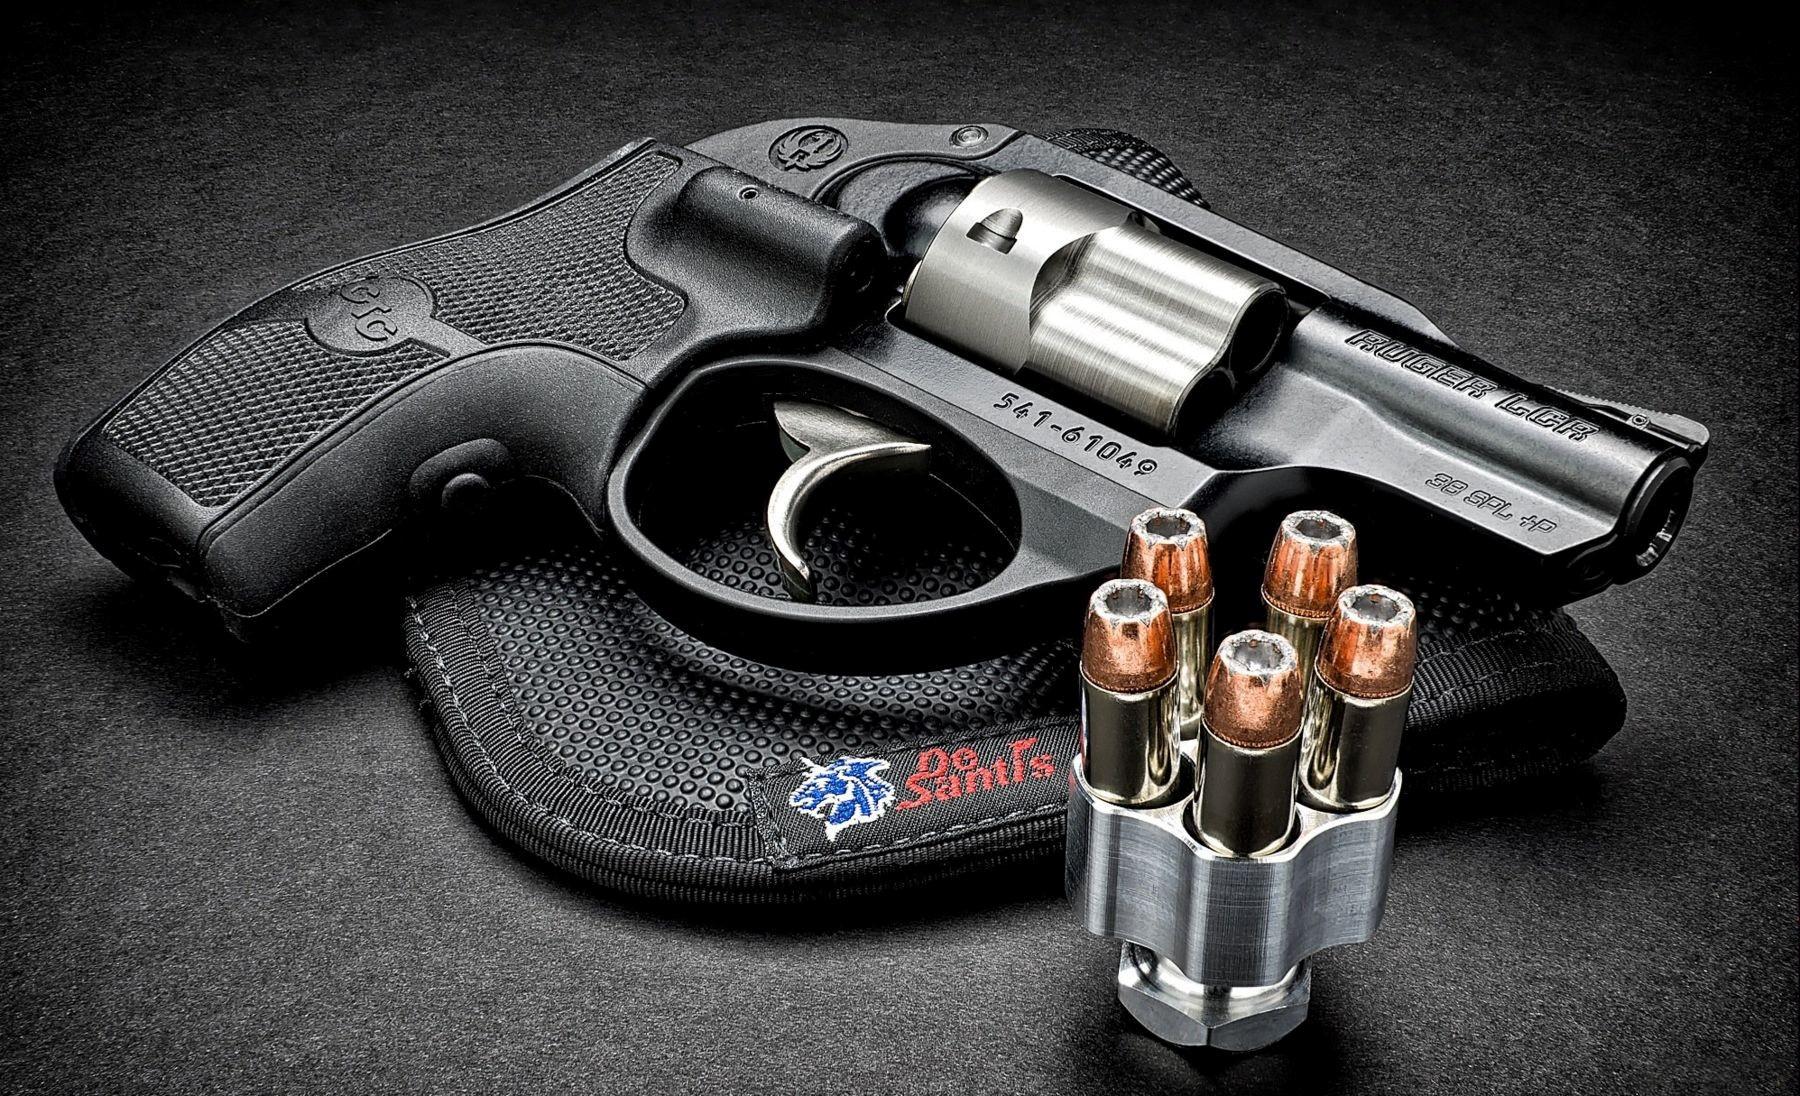 Ruger LCR Small Gun HD Desktop Photos HD Wallpapers 1800x1096